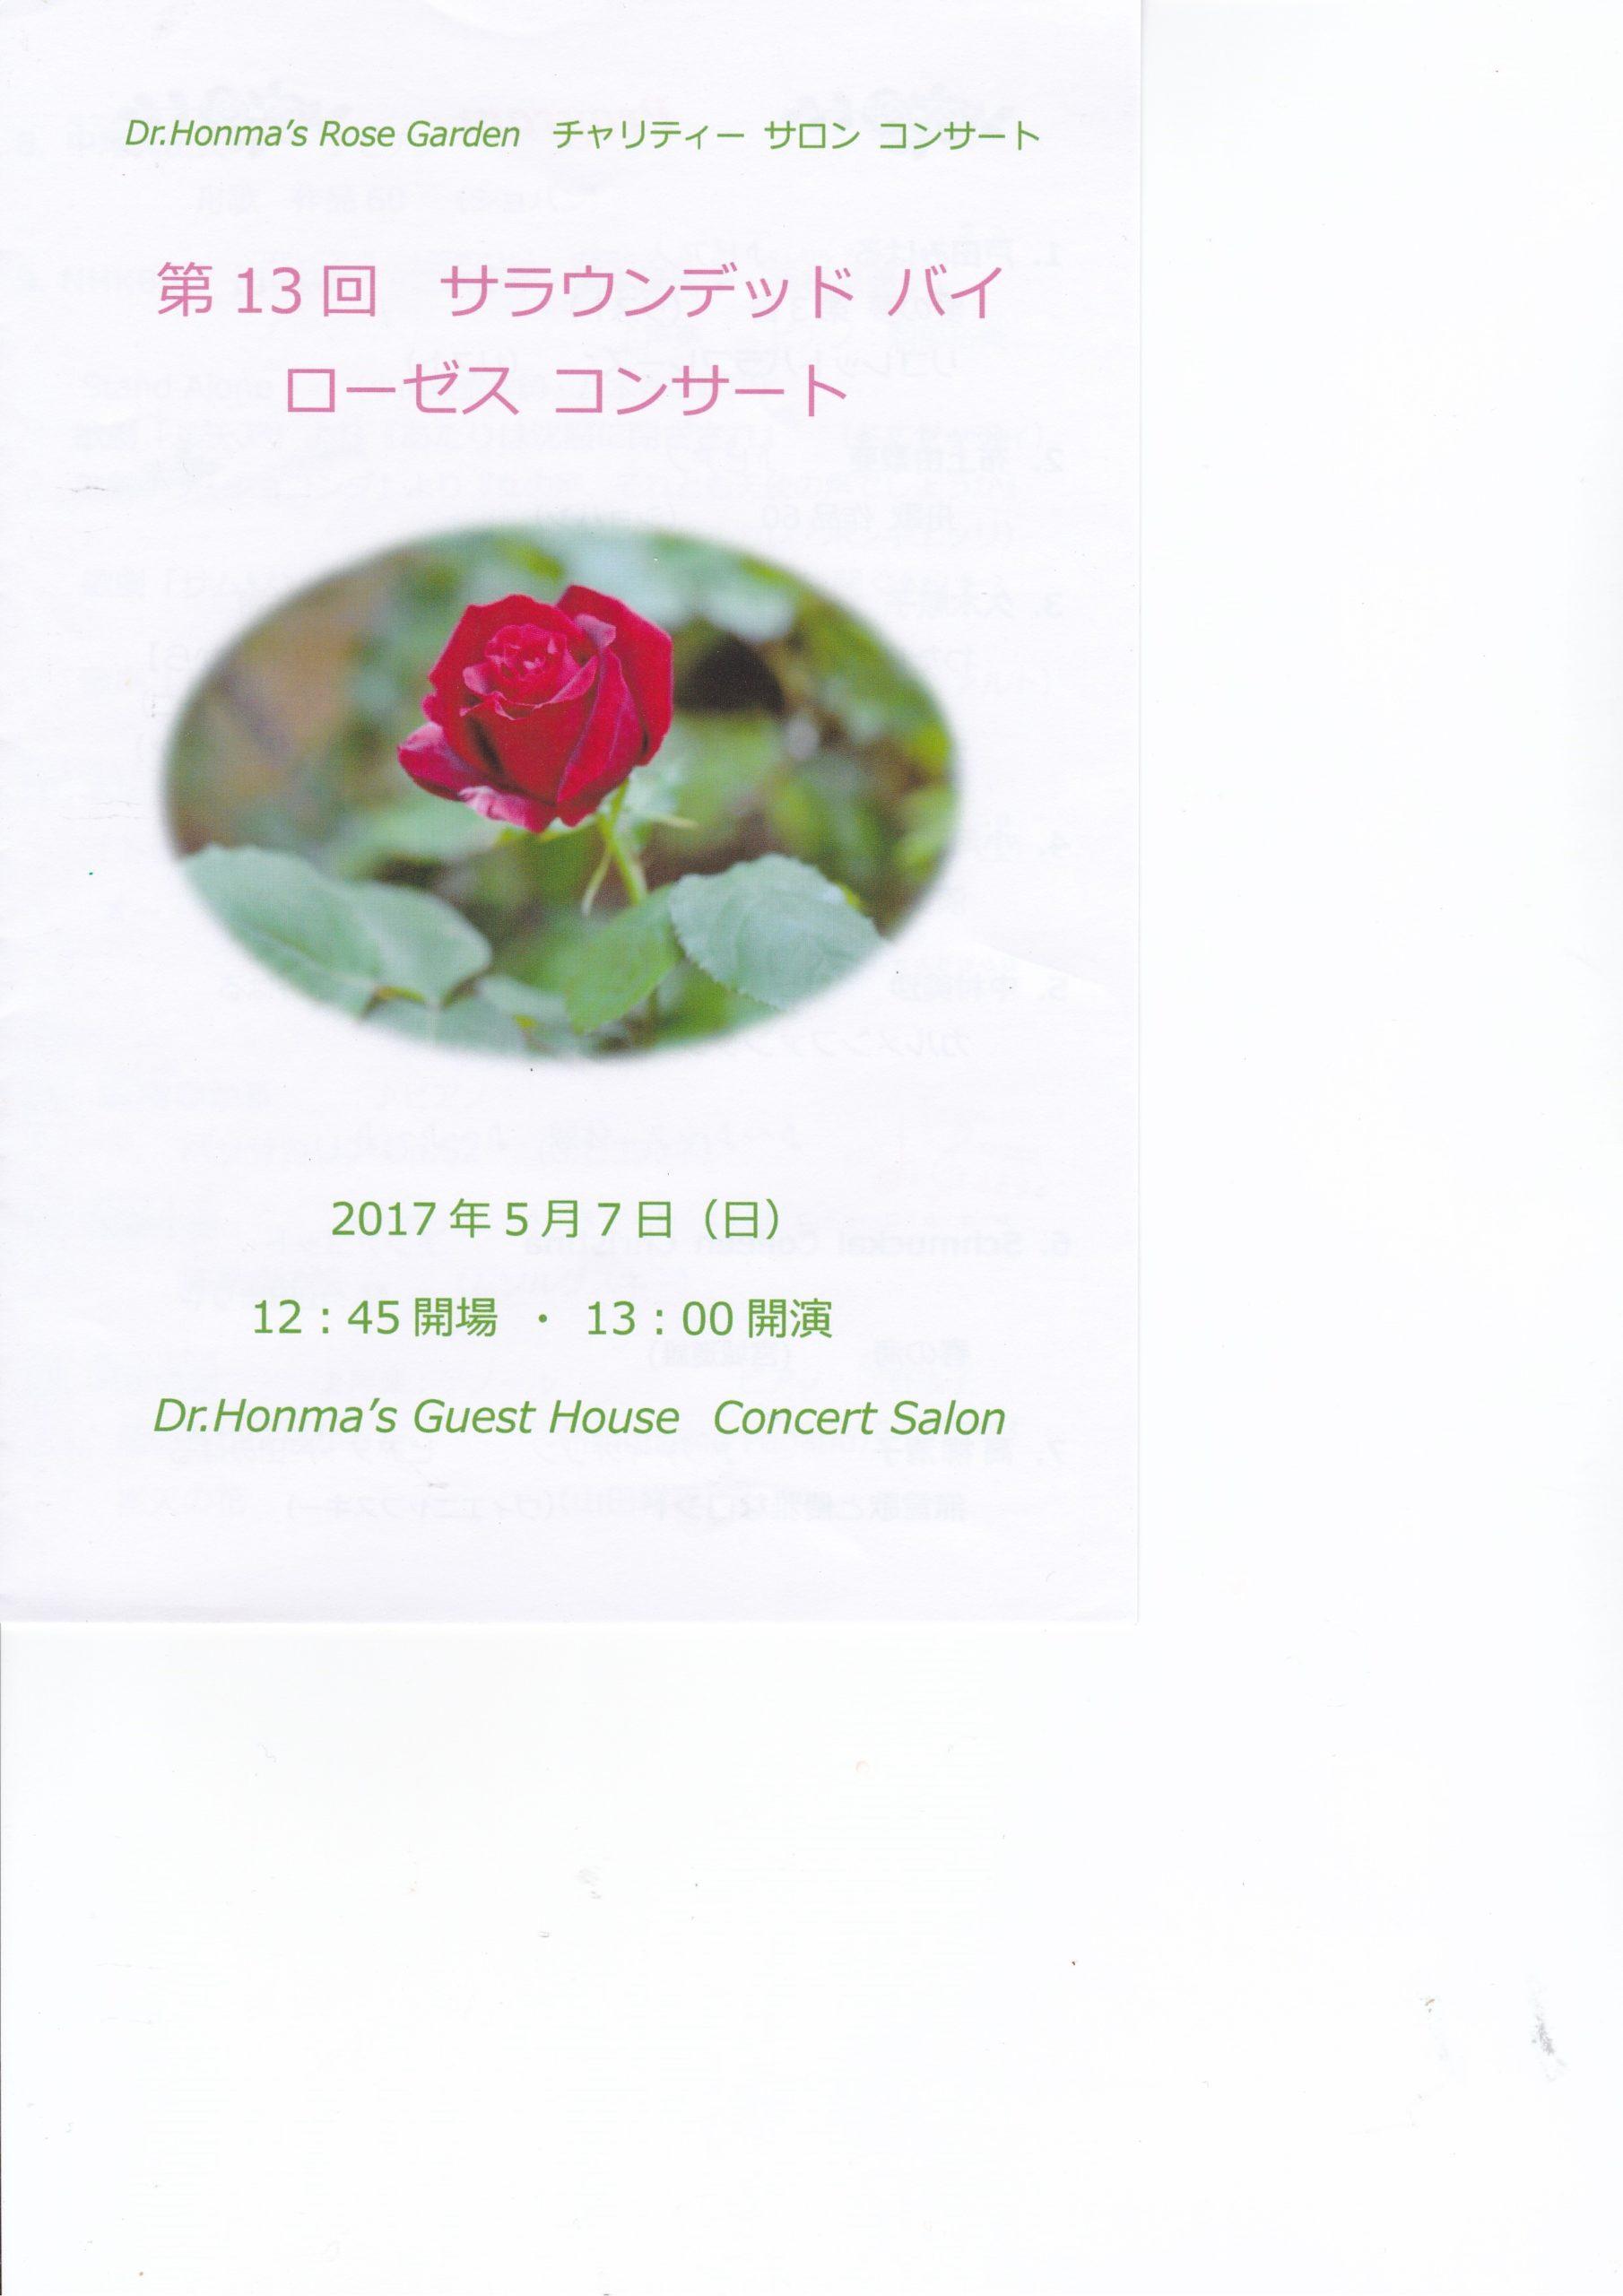 千葉市音楽協会スプリングコンサート